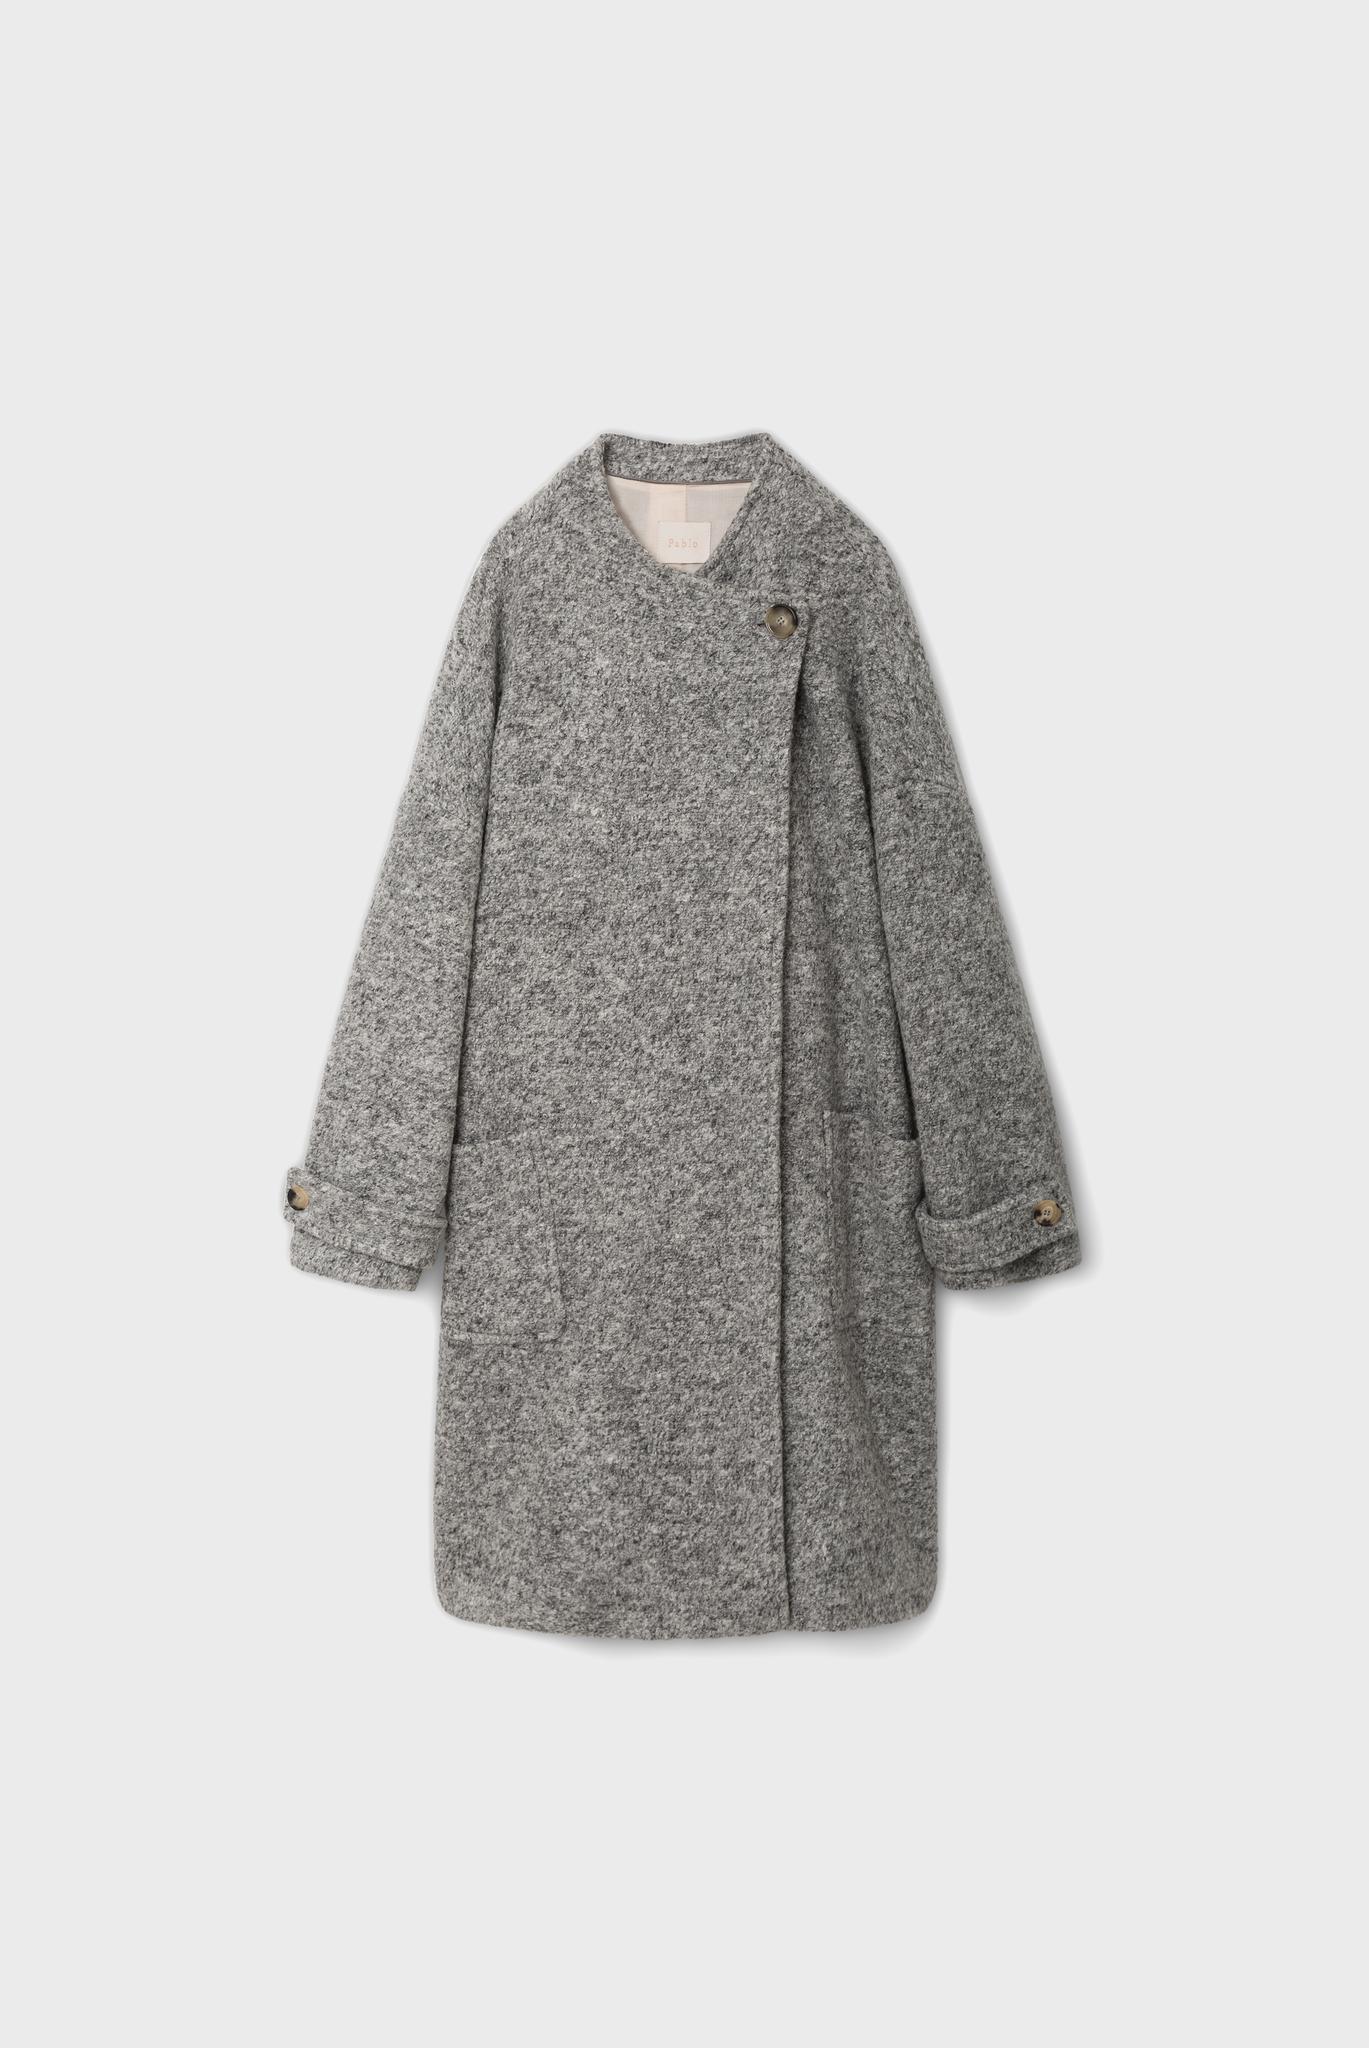 MARYSE - Шерстяное пальто с асимметричной застежкой